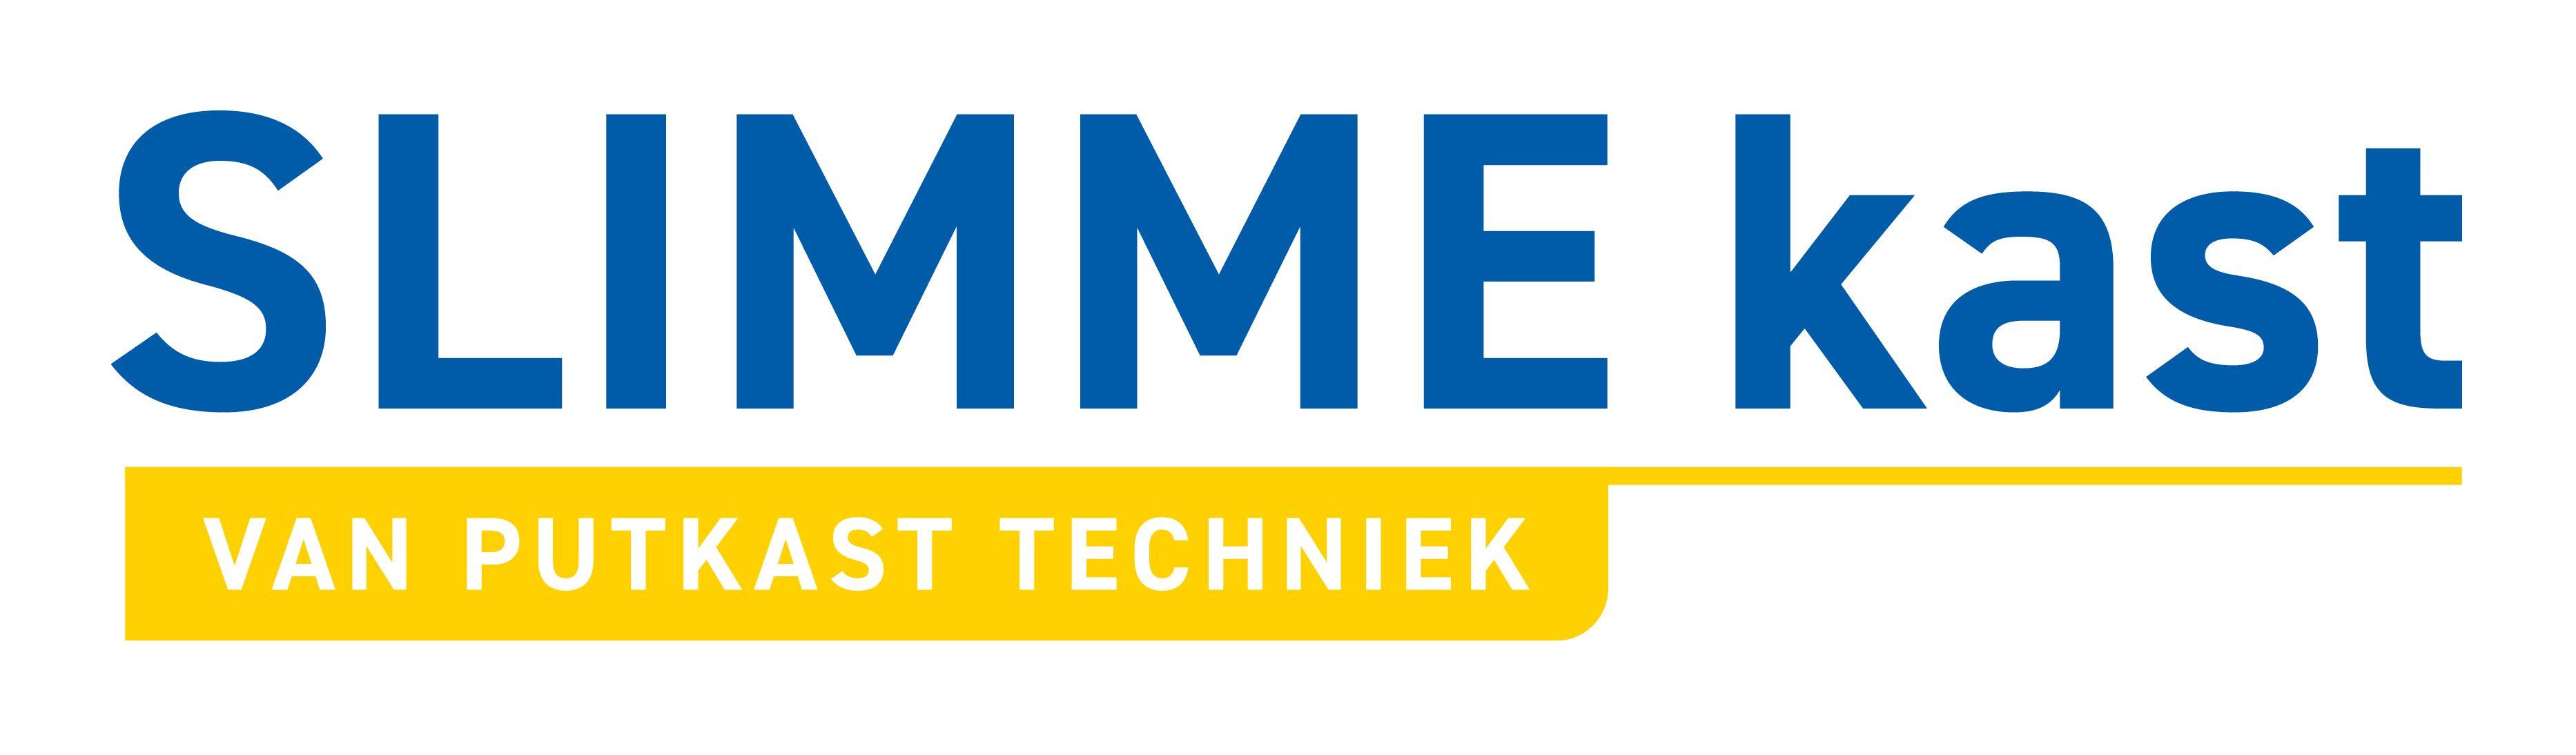 SLIMMEkast.nl